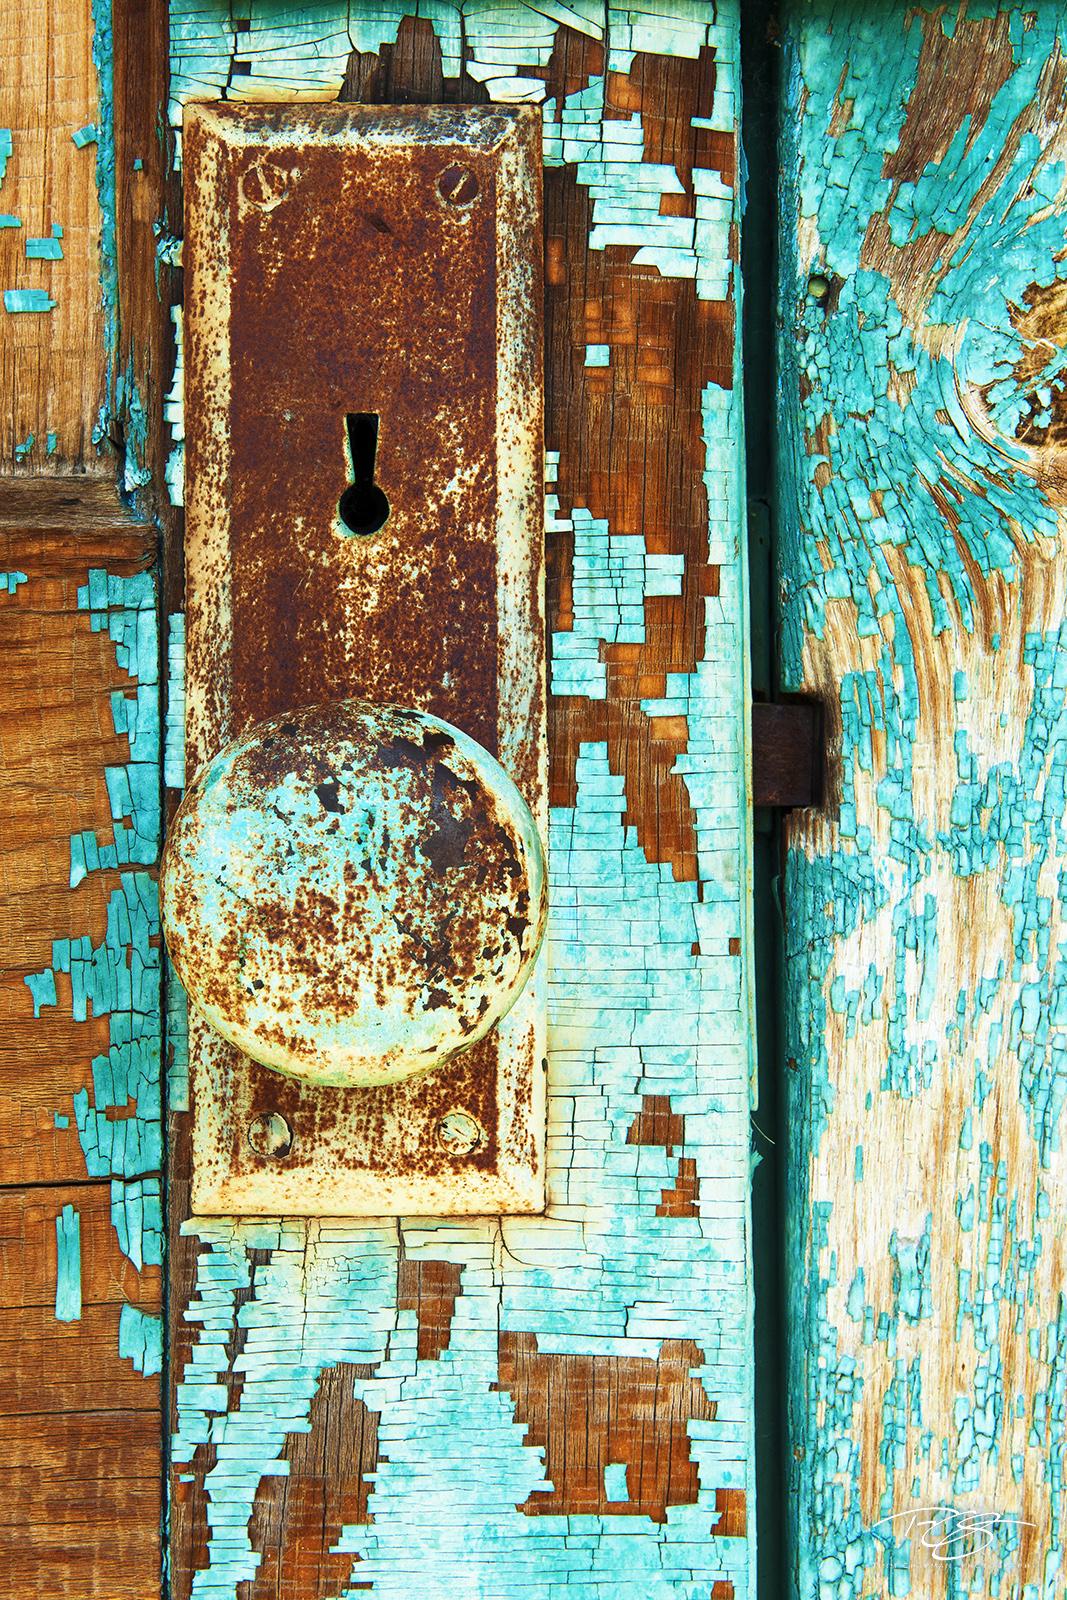 door, doorway, old door, old doorknob, rusty doorknob, flaking paint, rusty door, rusted door, opportunity, antique door lock, life changing decisions, passageway, antique door, weathered paint, weath, photo